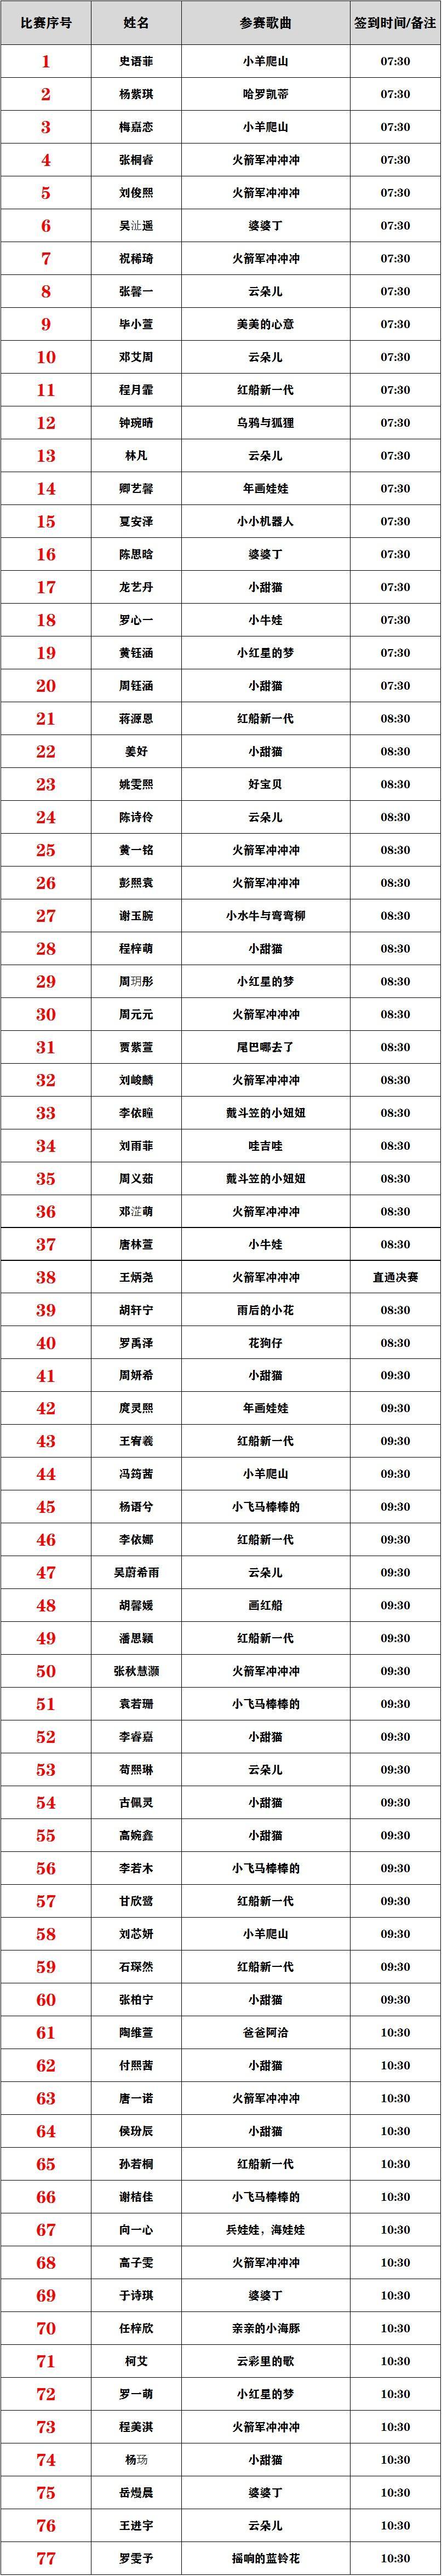 2021第17届快乐阳光全国少歌赛【重庆赛区】复赛比赛通知 第7张